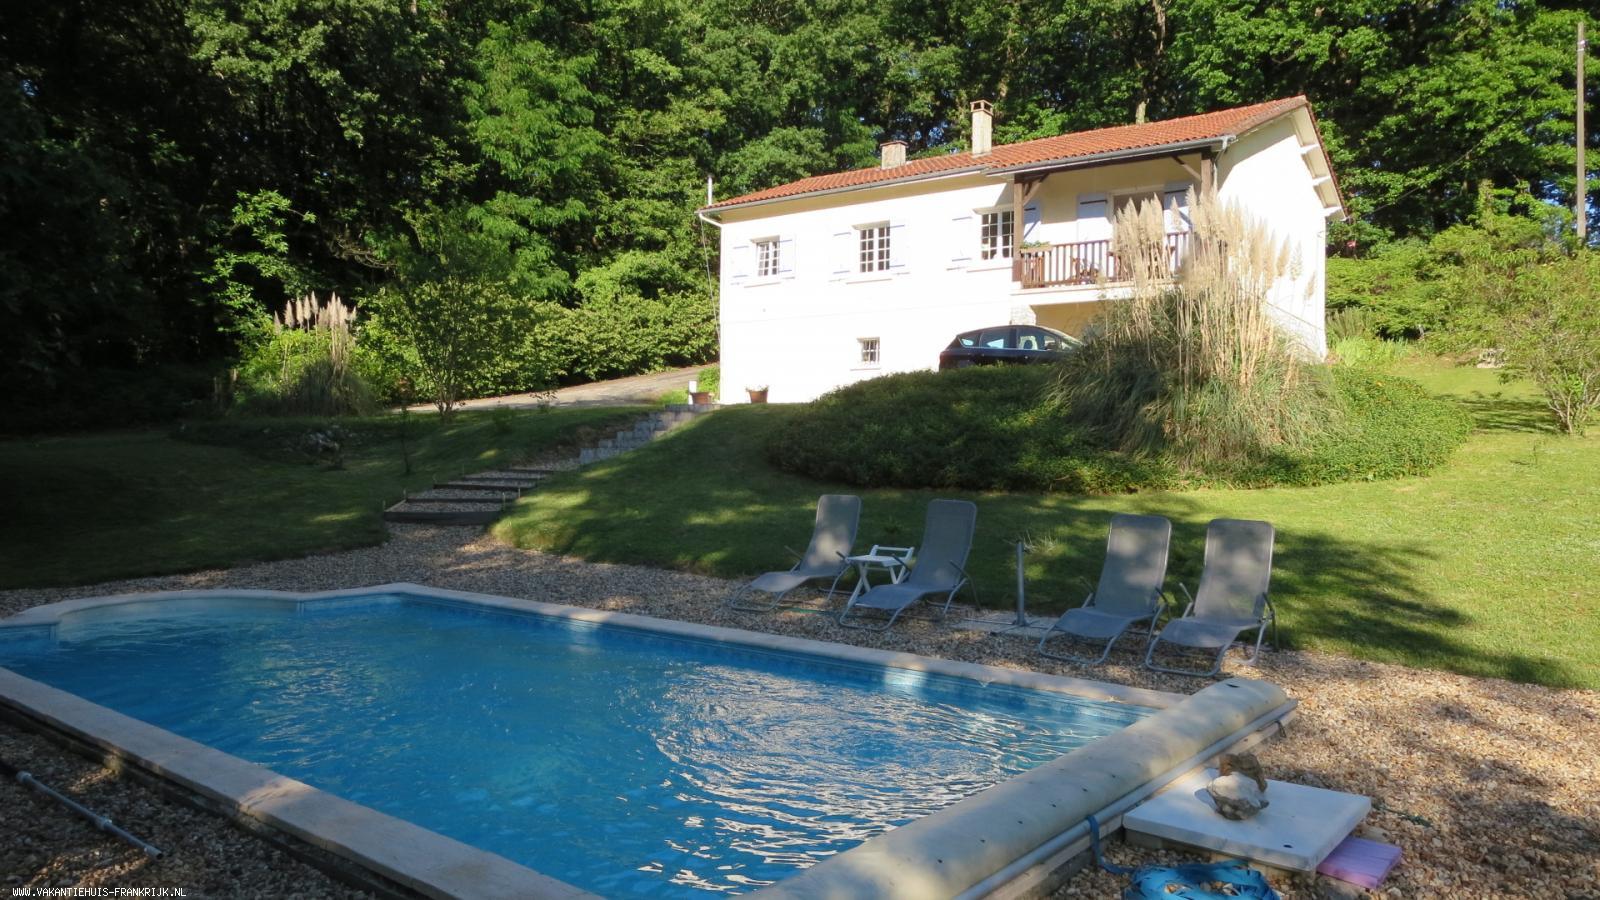 Vakantiehuis: Fraaie, vrijstaande villa met volledige privacy en privé zwembad op slechts 5 km van het gezellige Franse stadje Ribérac in de Dordogne te huur voor uw vakantie in Dordogne (Frankrijk)